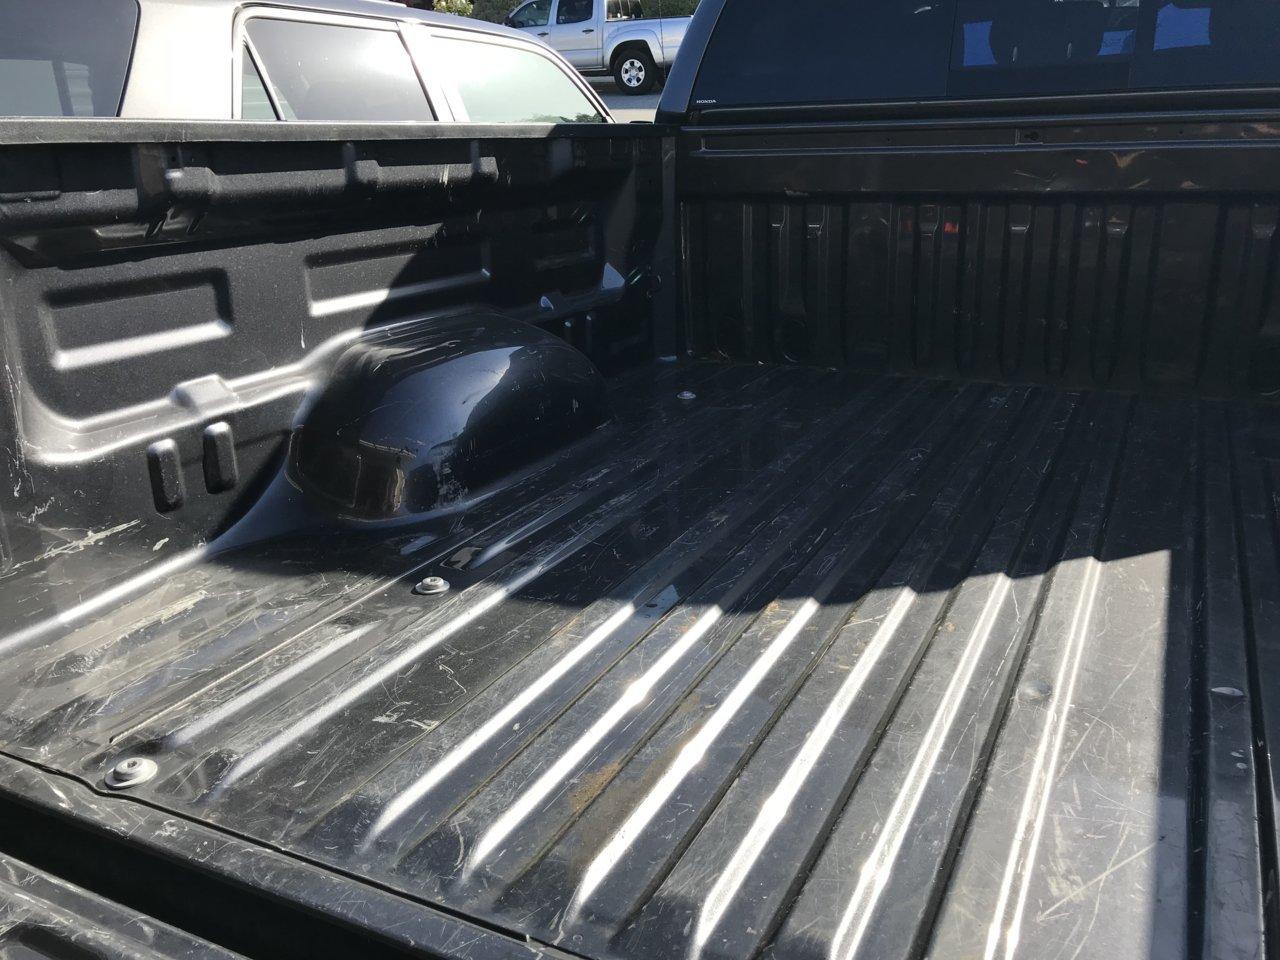 Zirgo 316615 Heat /& Sound Deadener for 71-03 B-Series Van Floor Stg3 Kit